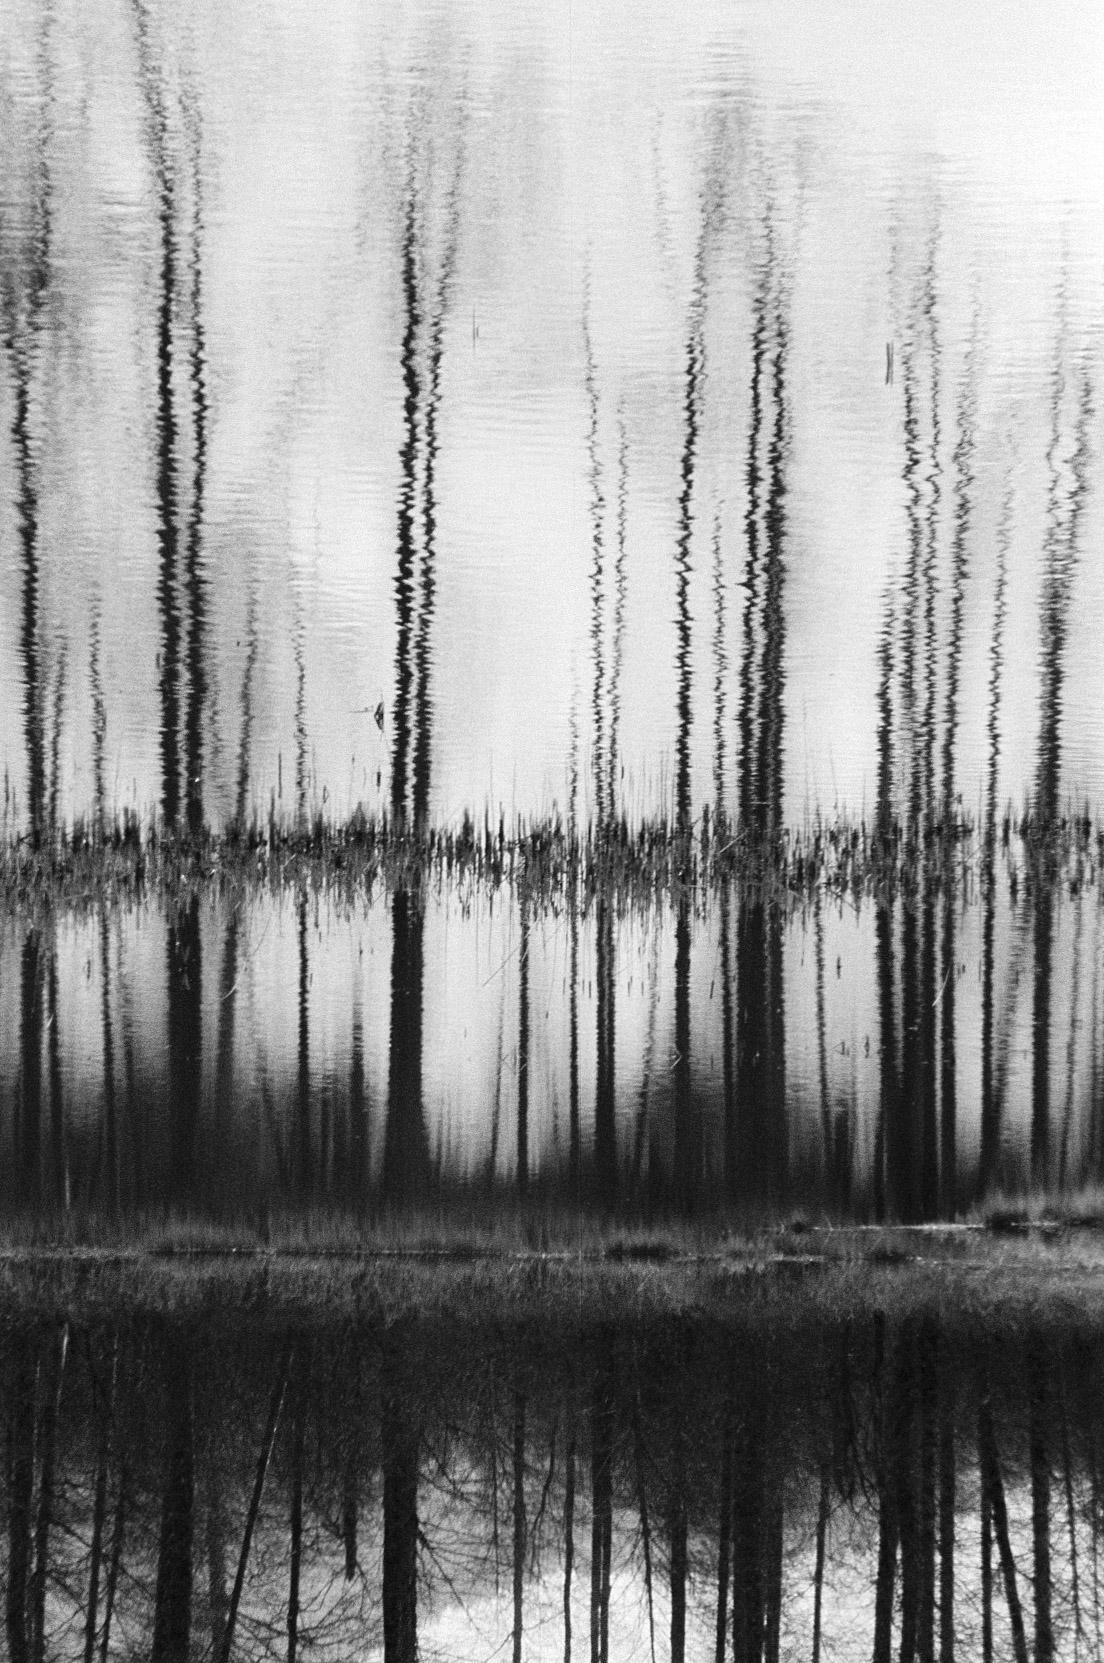 vancouver photography Michele Bygodt 28